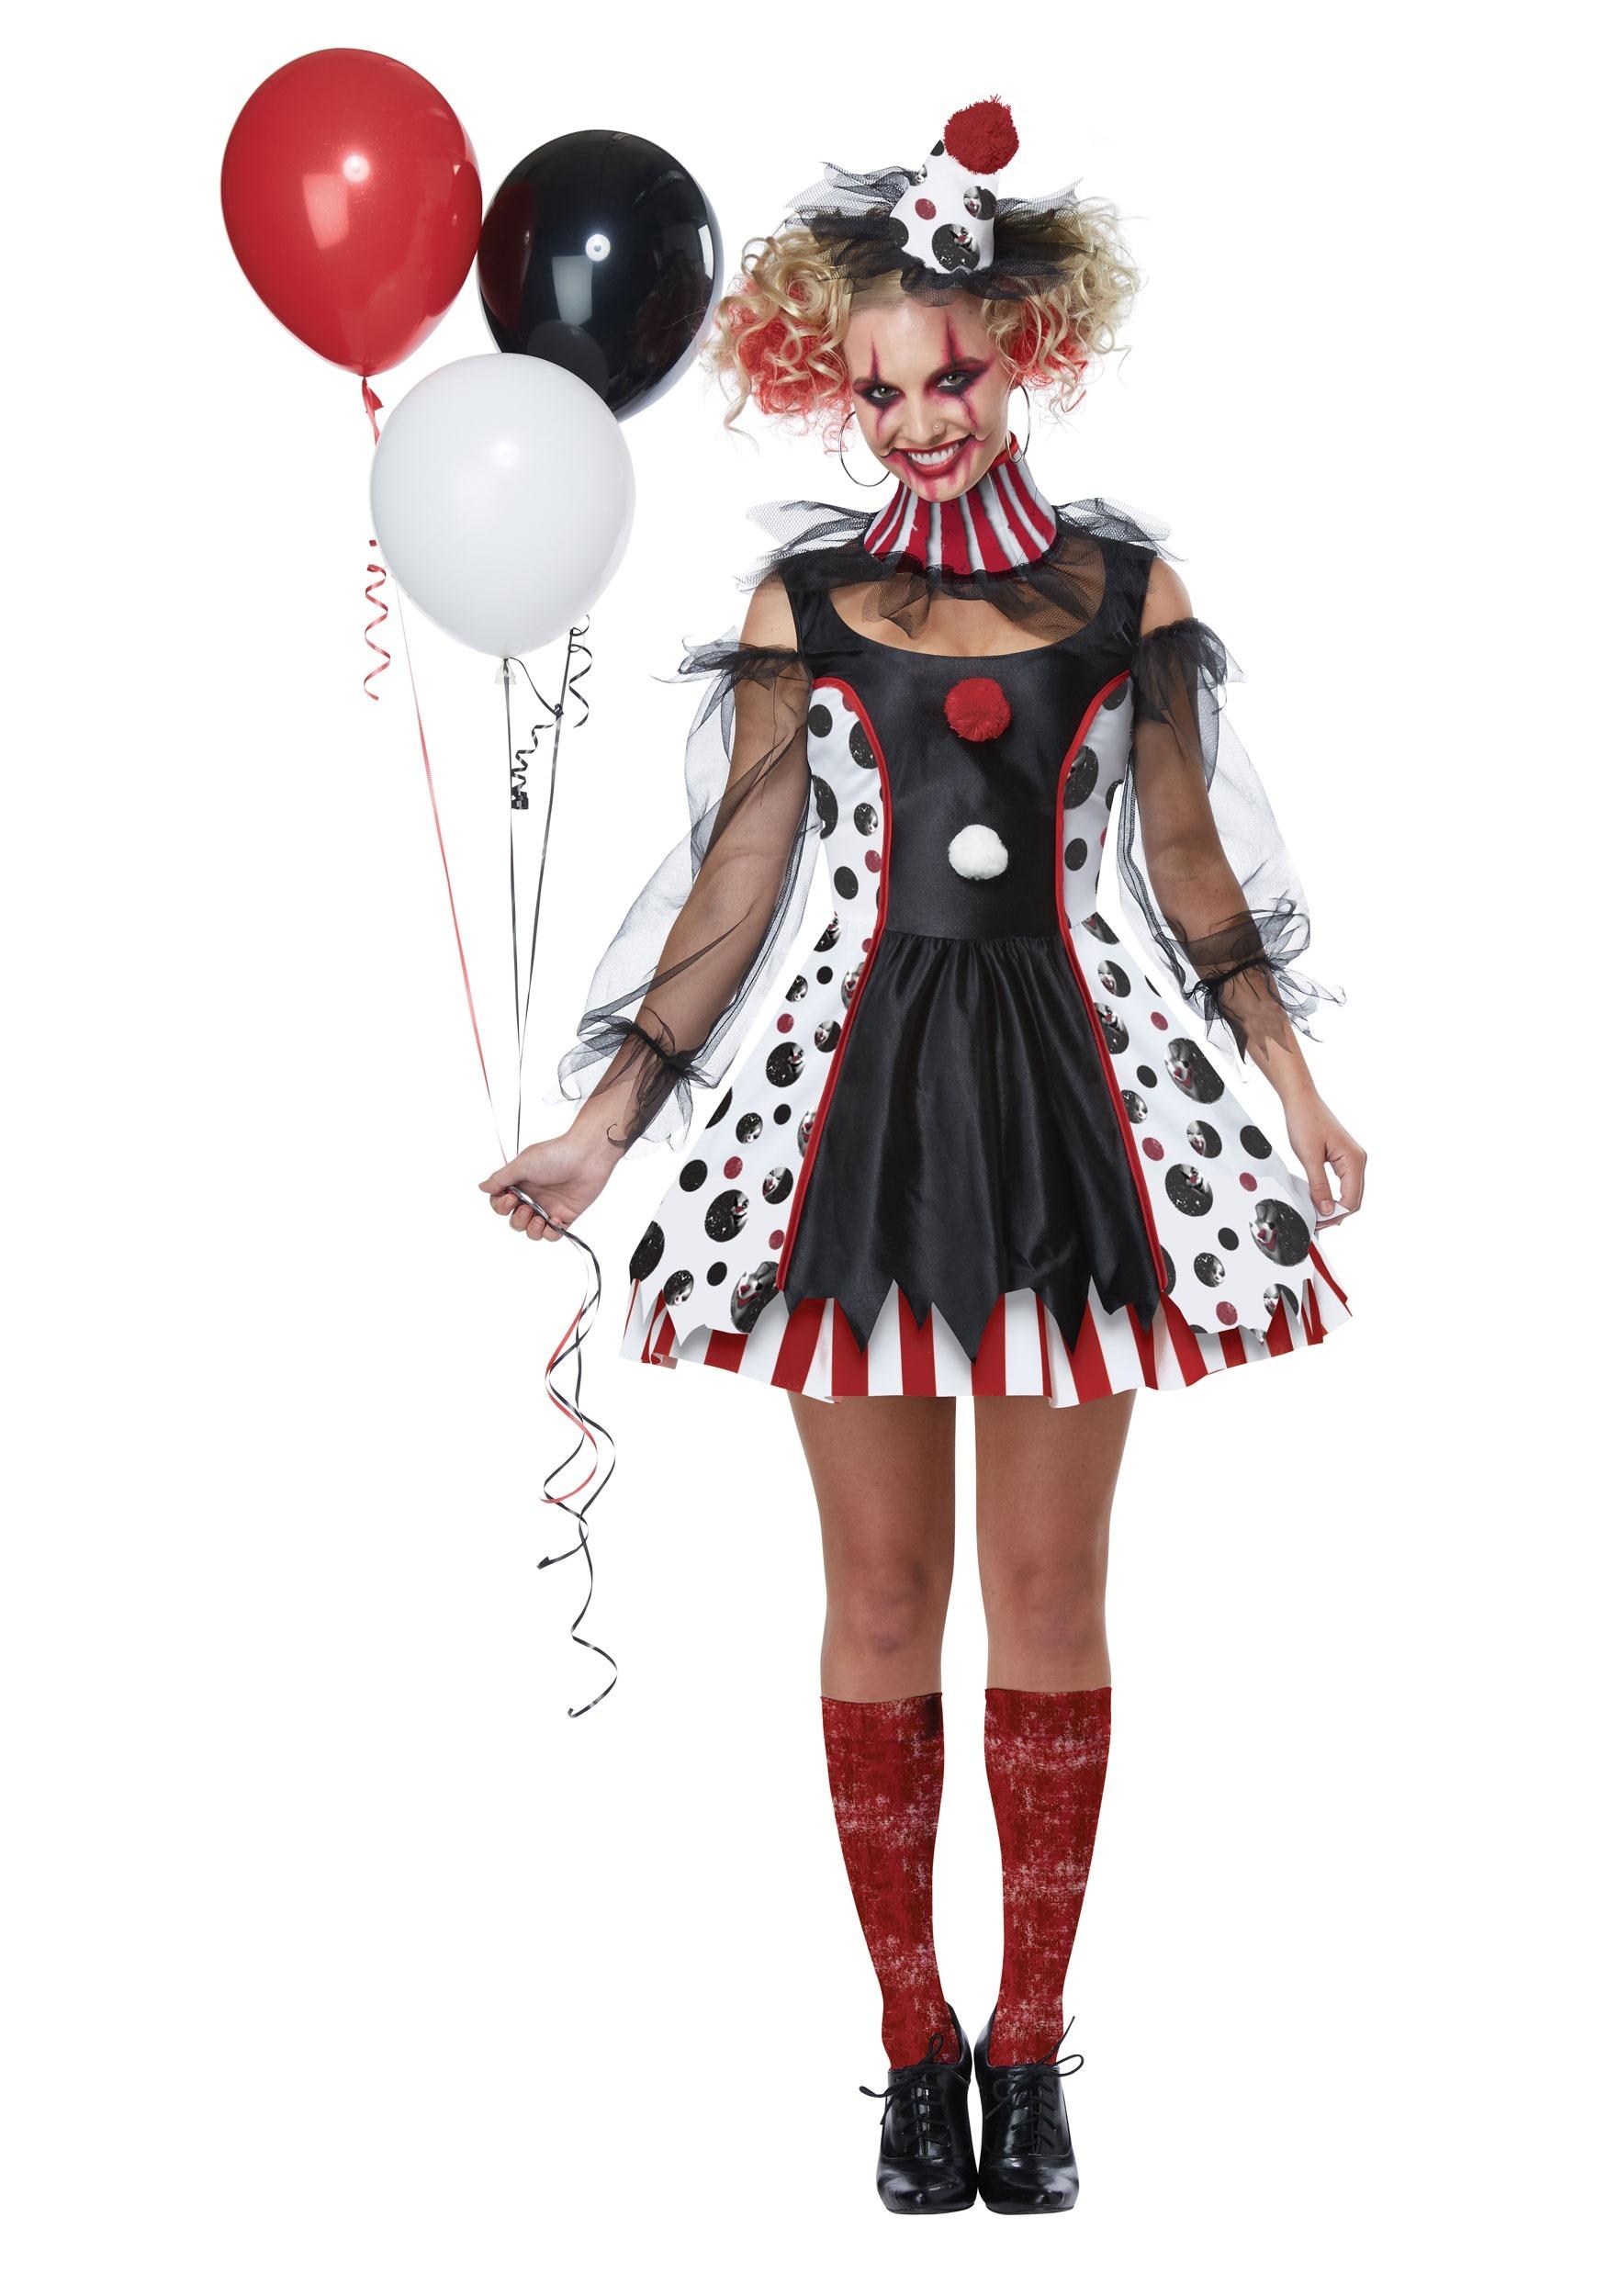 2d90118d120da Creepy Clown Costume for Women